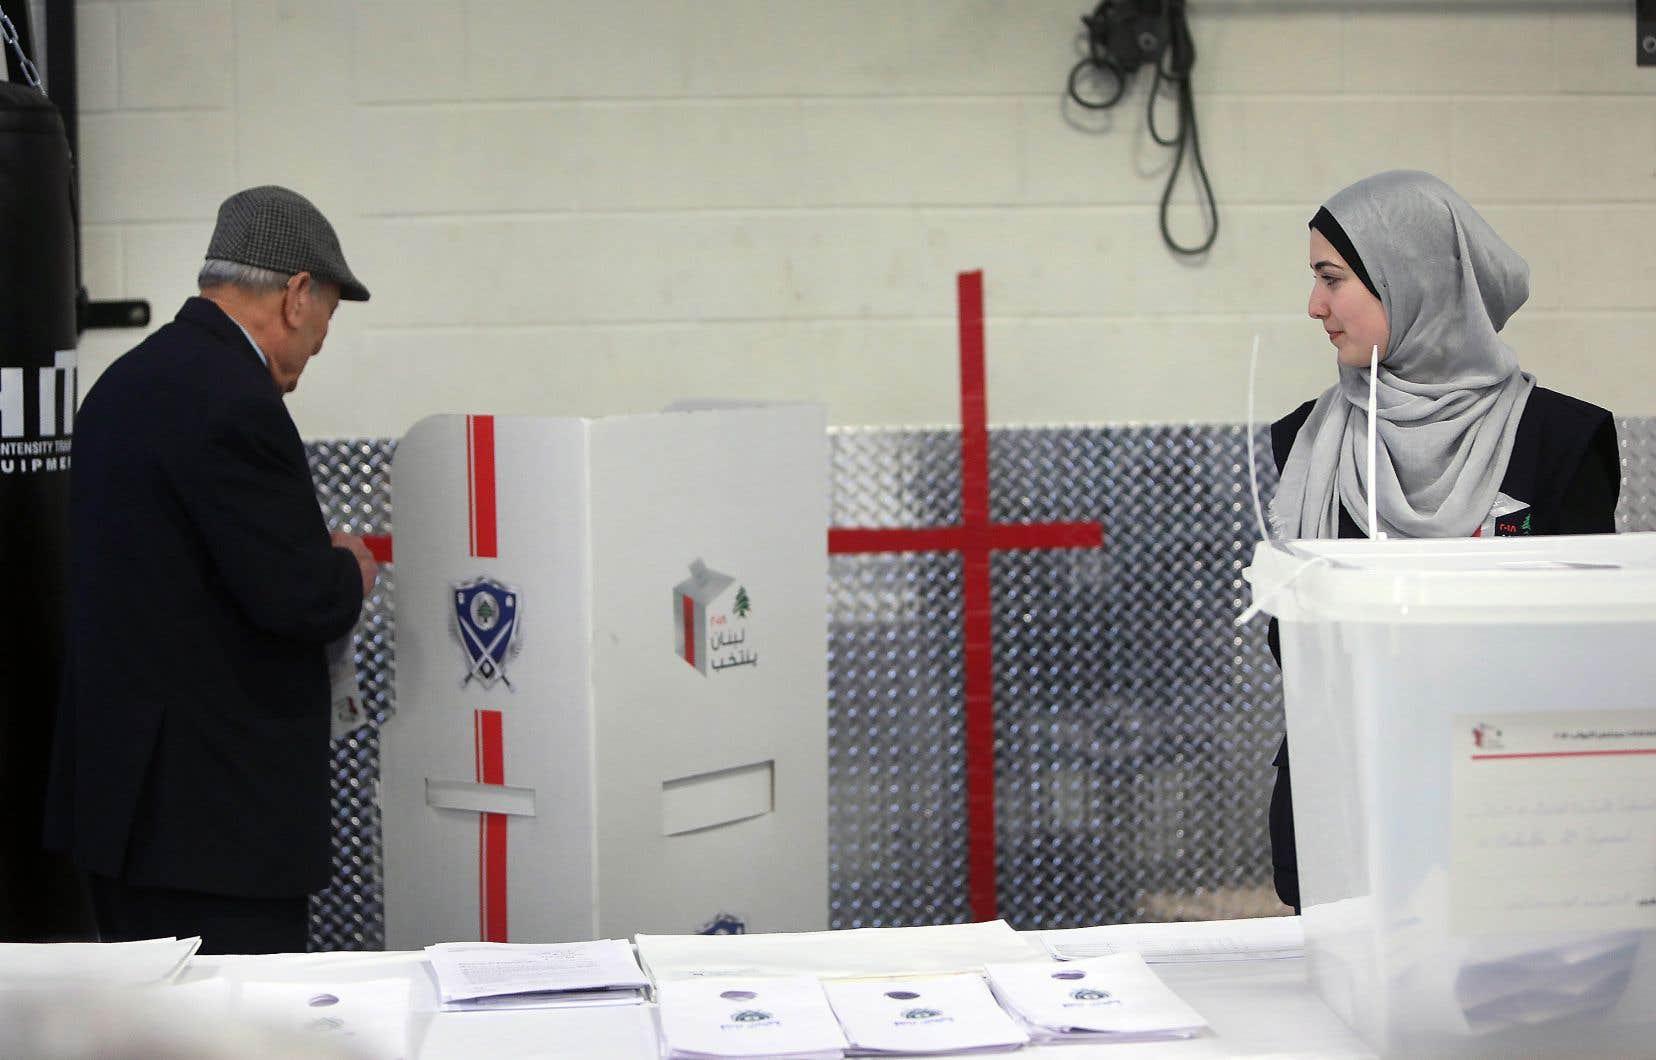 Des centaines de Libanais ont fait la queue à Laval, dimanche, pour voter. Certains étaient sur place avant même 7h du matin.